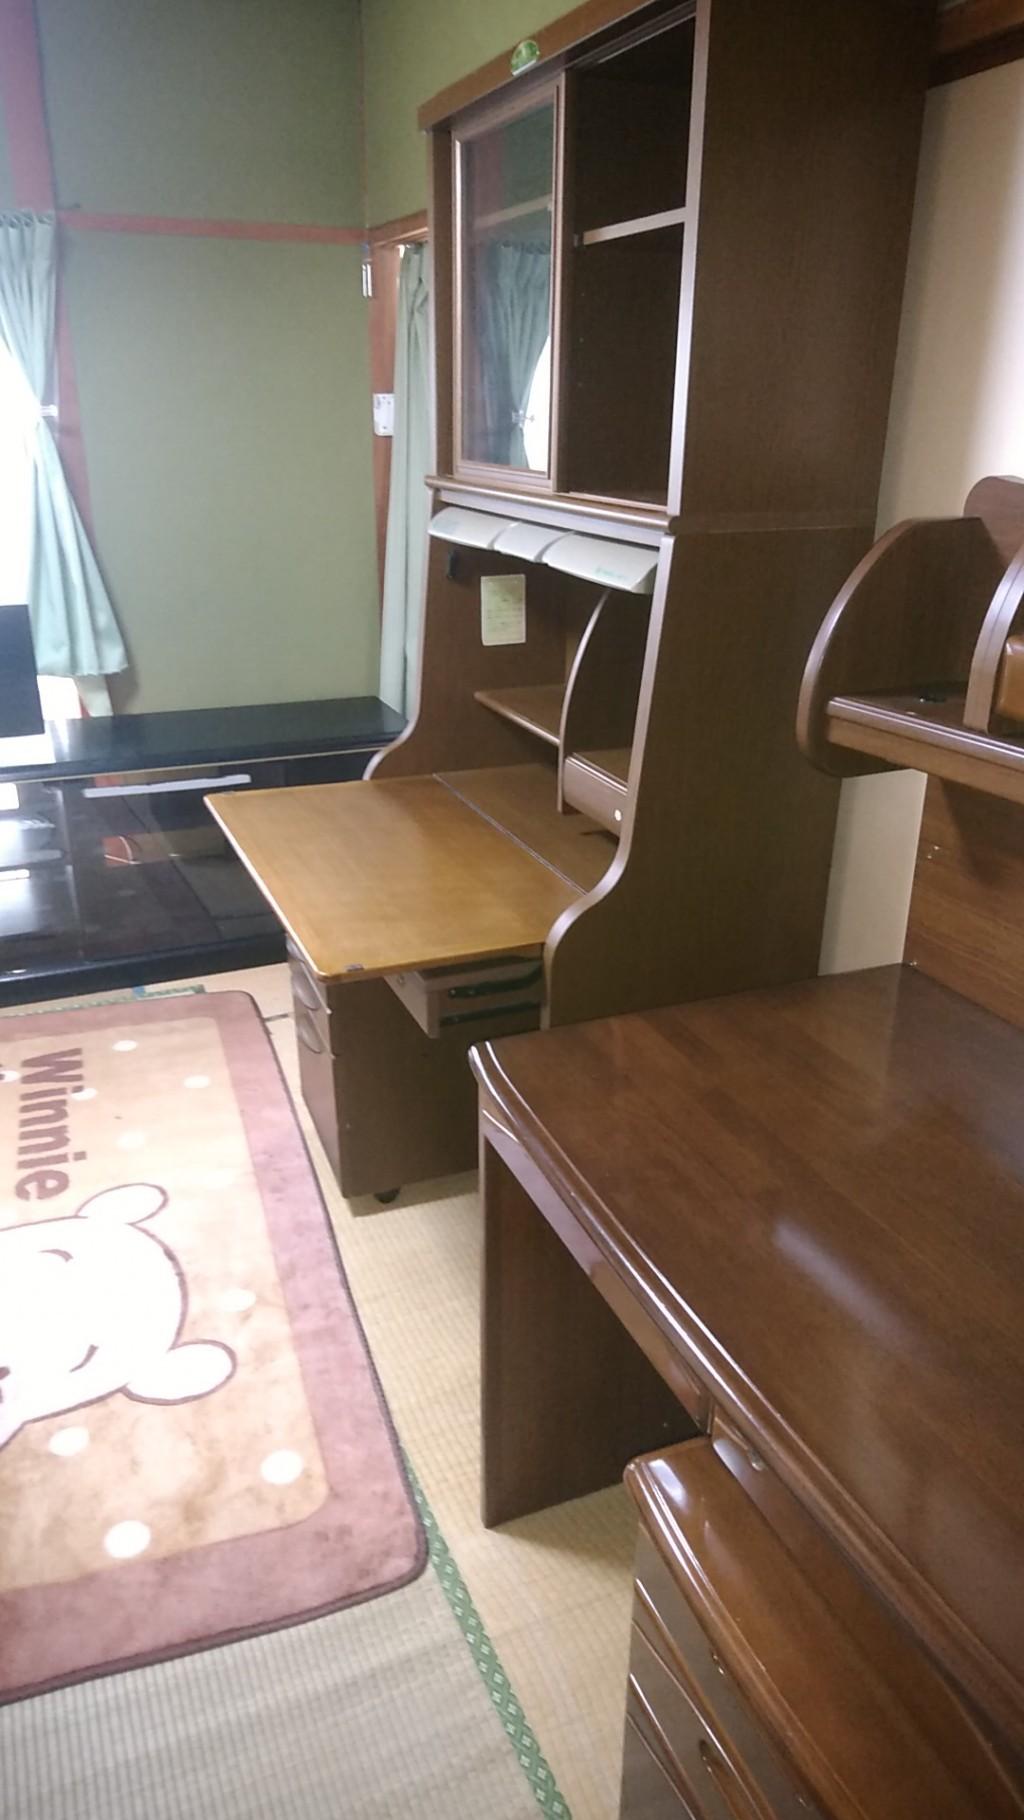 【新居浜市宇高町】本棚、学習机、ラックの回収・処分 お客様の声